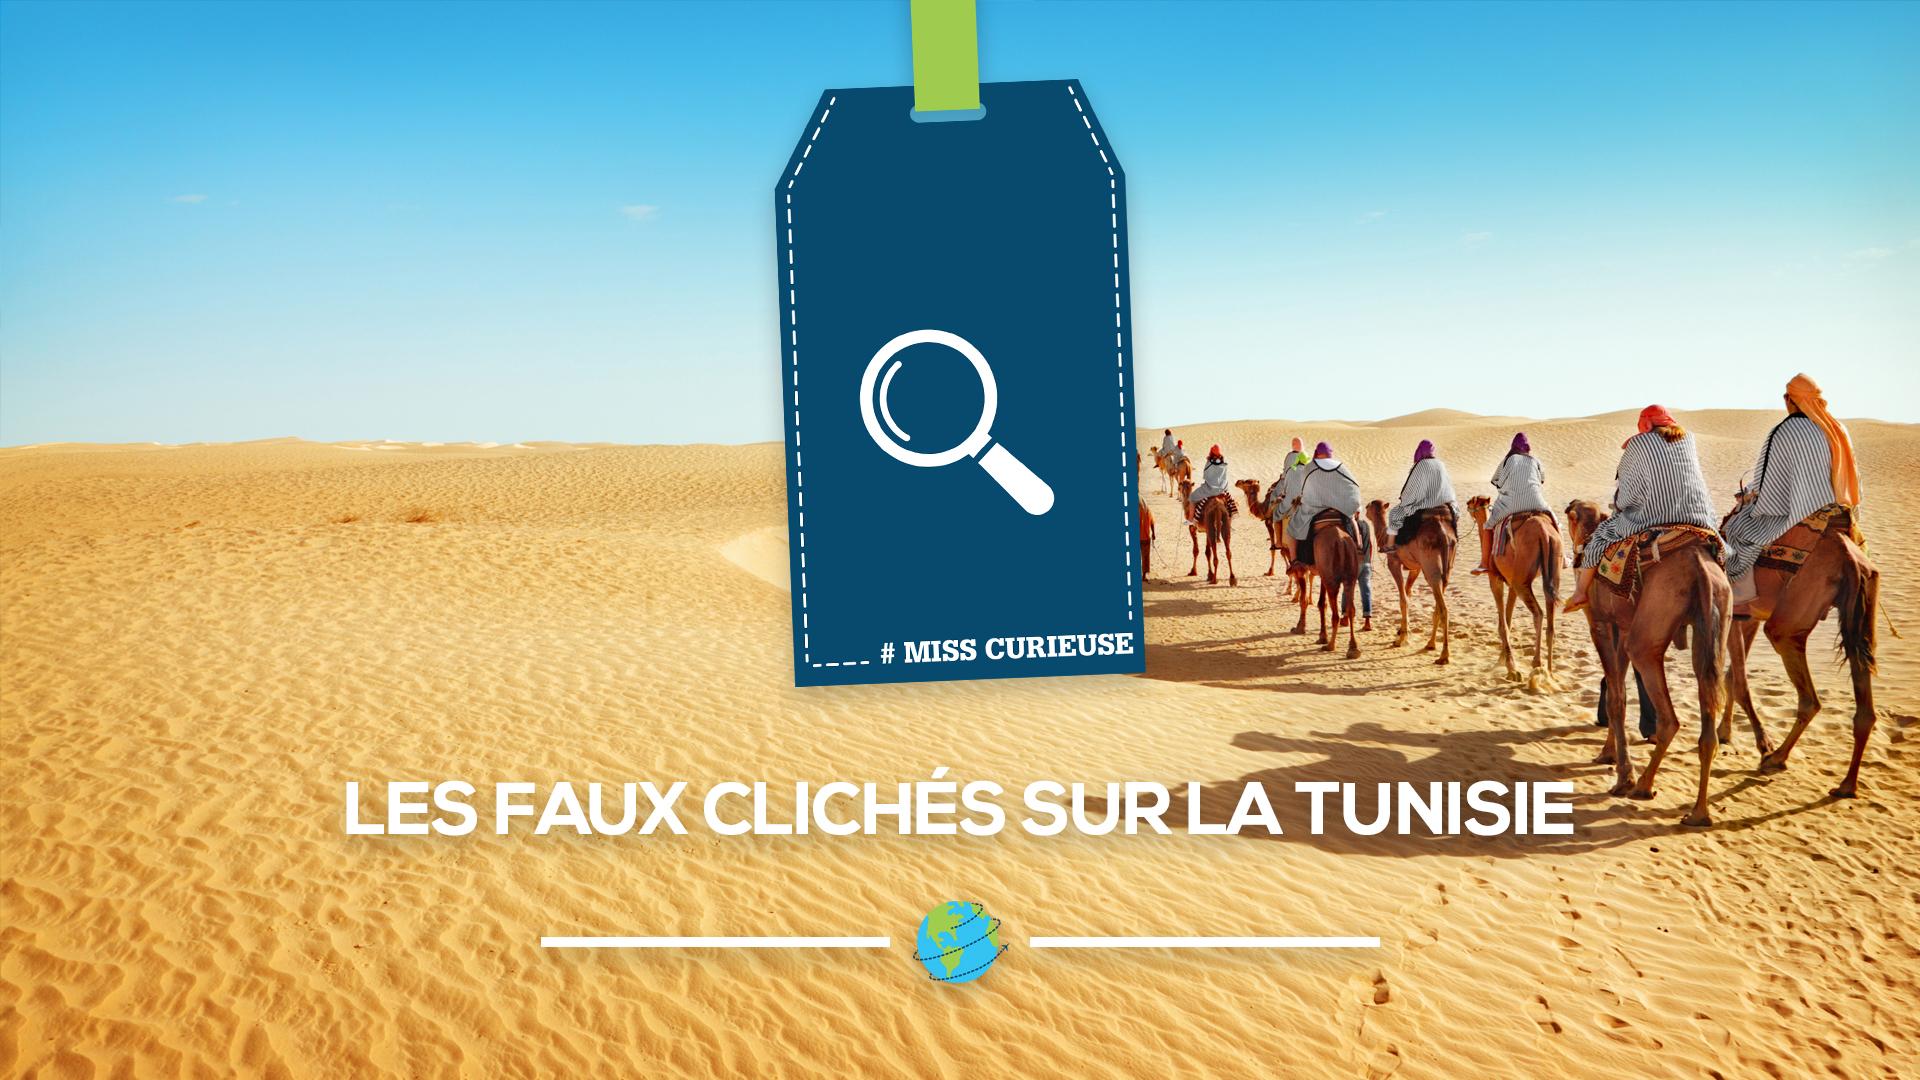 voyage tunisie ca craint